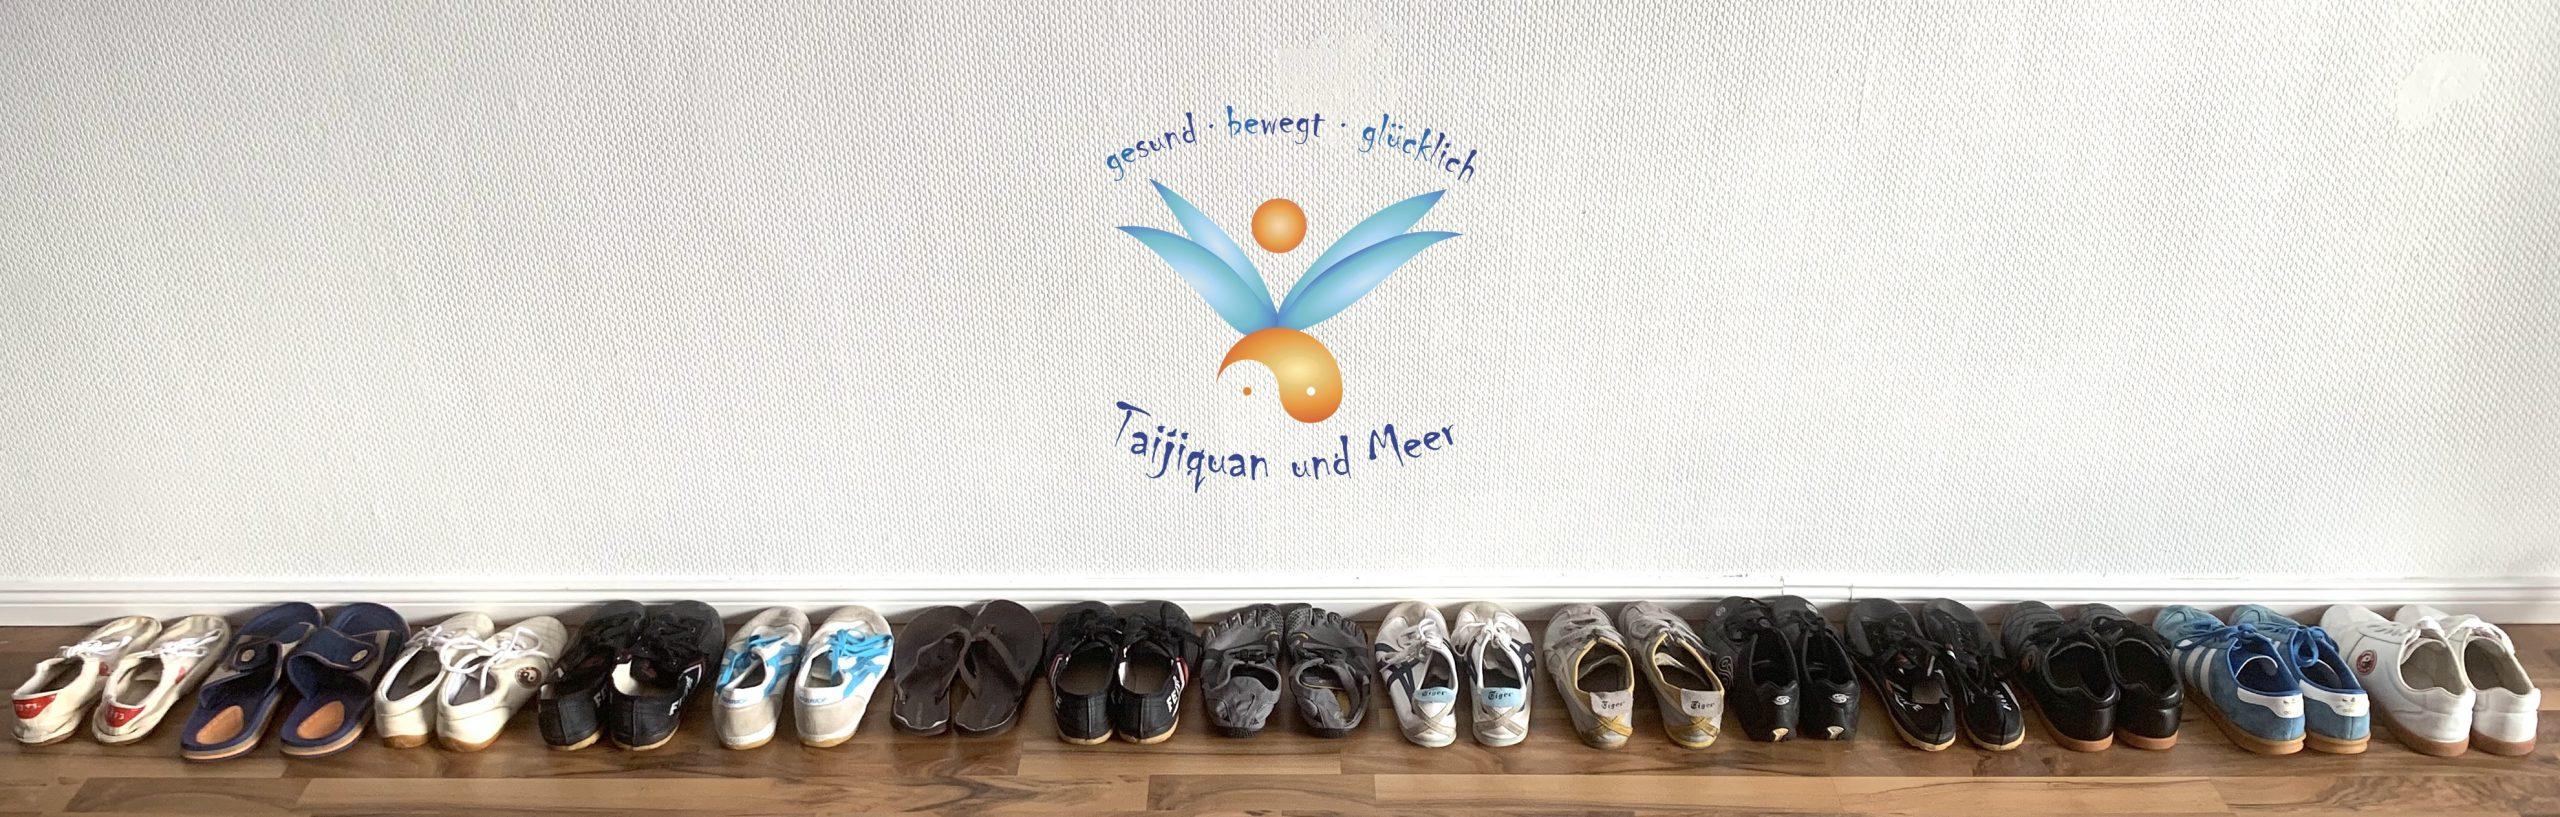 Trainings-Schuhe Taijiquan, Schülermeinungen